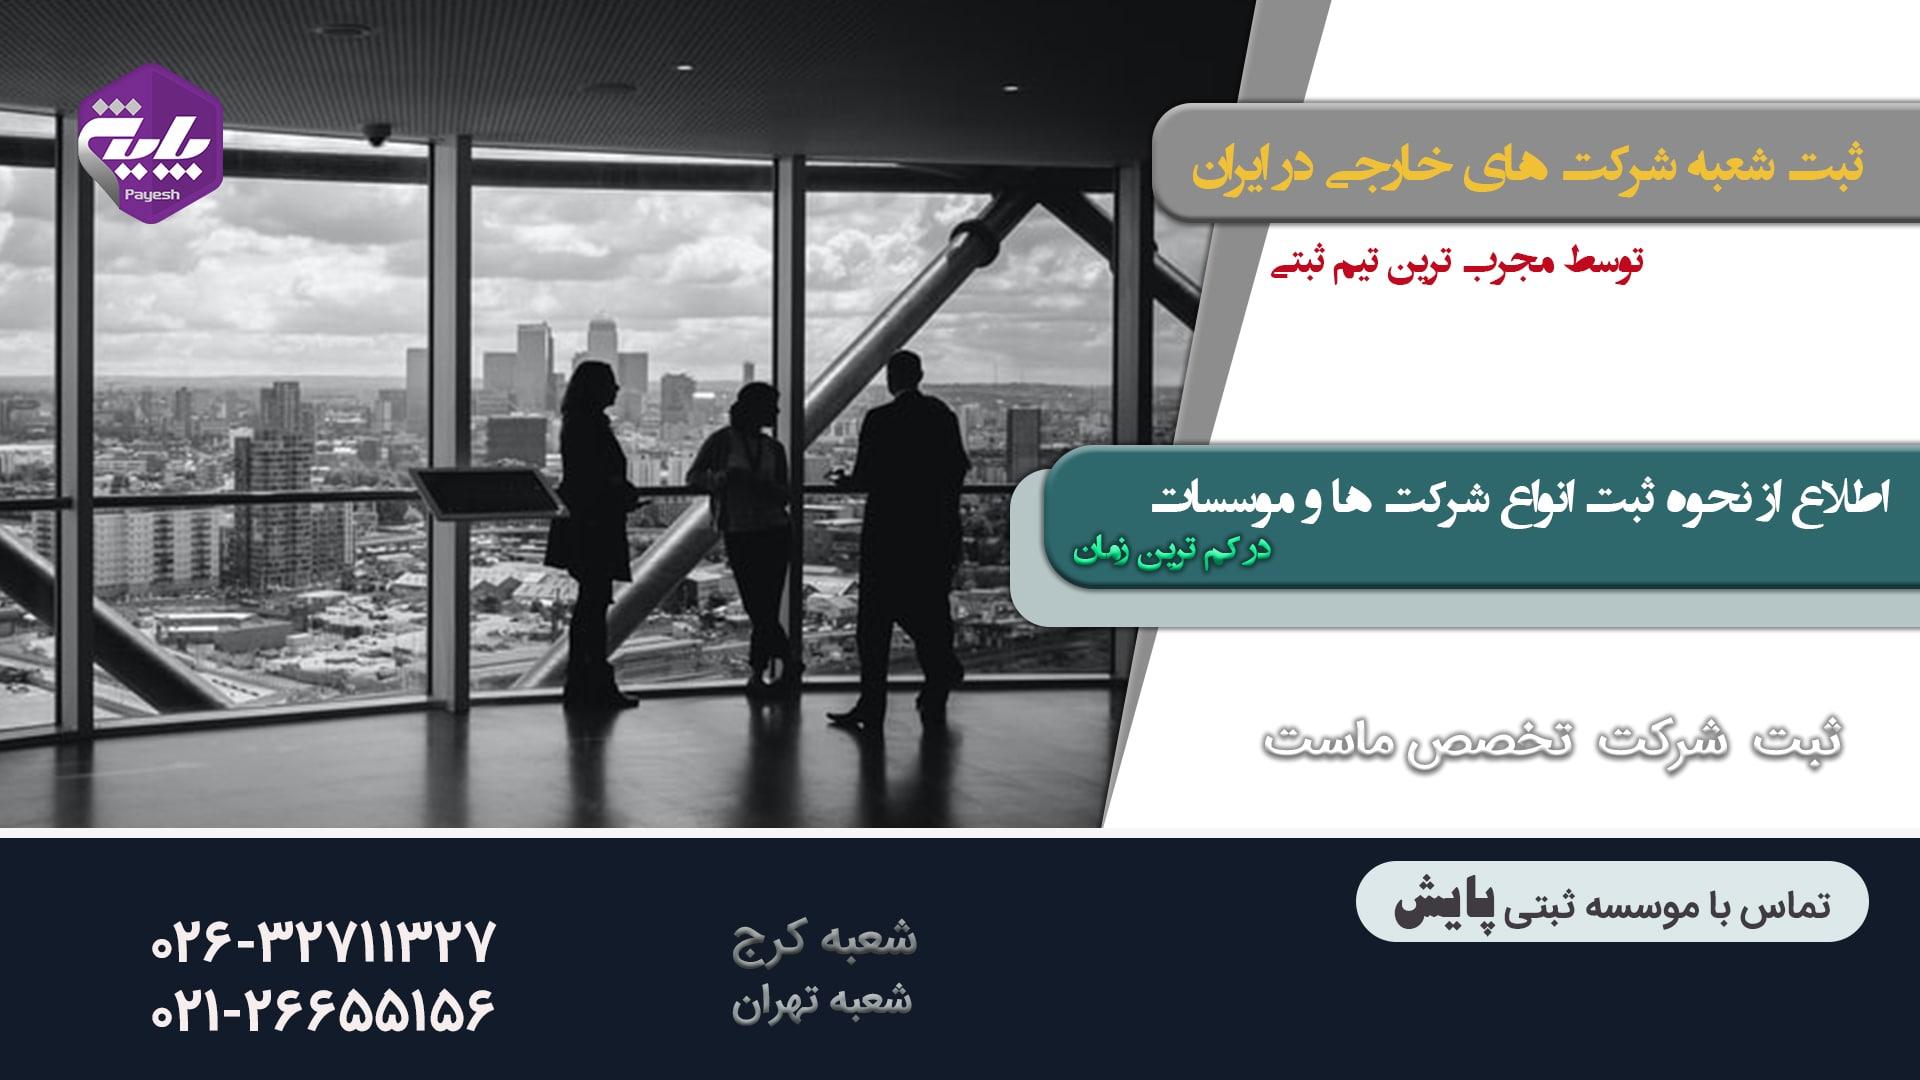 نمایندگی شرکت های خارجی در ایران